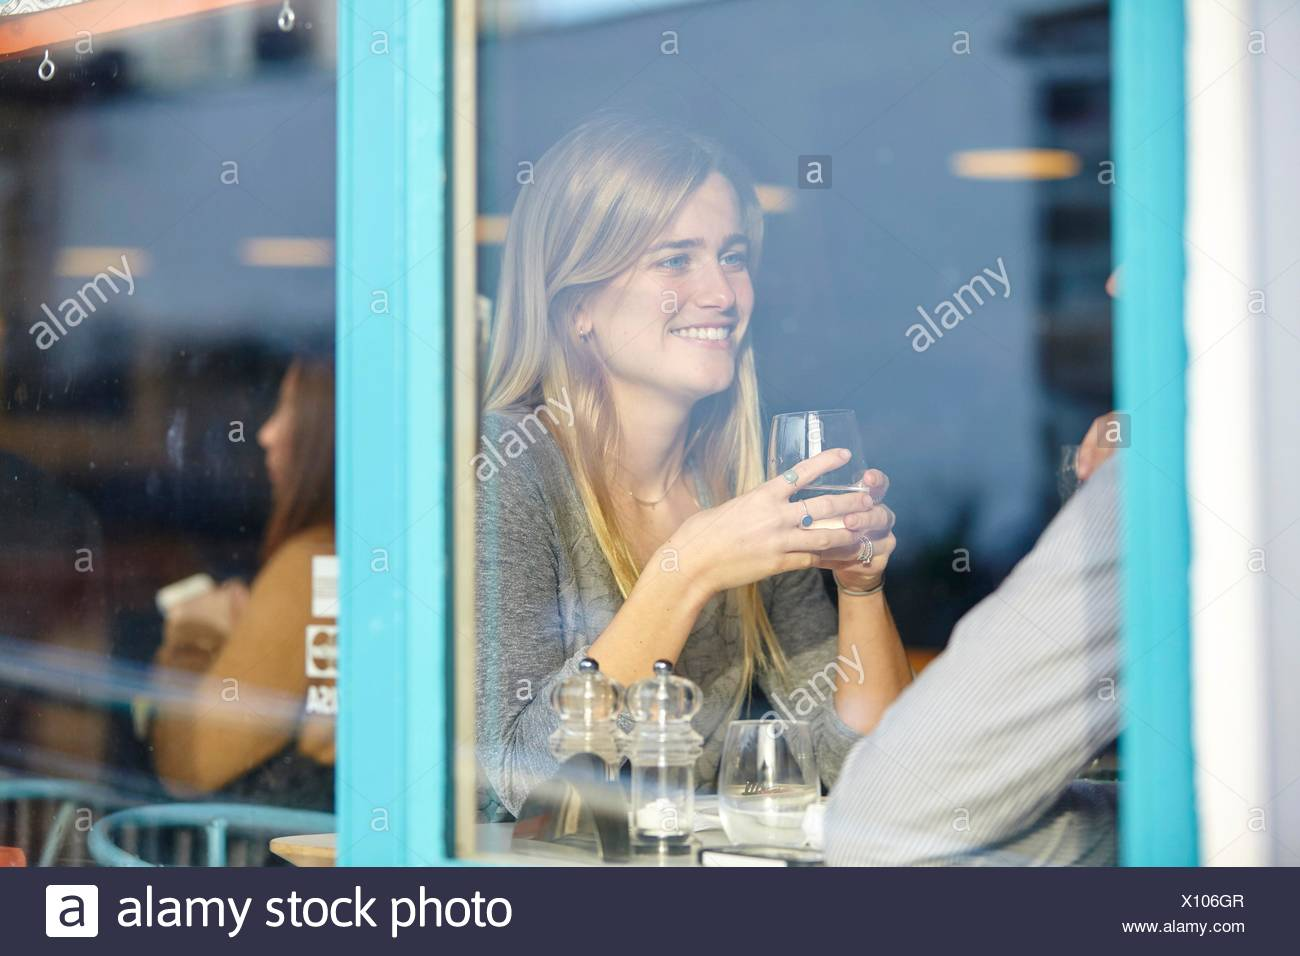 Joven pareja romántica en el cafe almorzar fecha Imagen De Stock